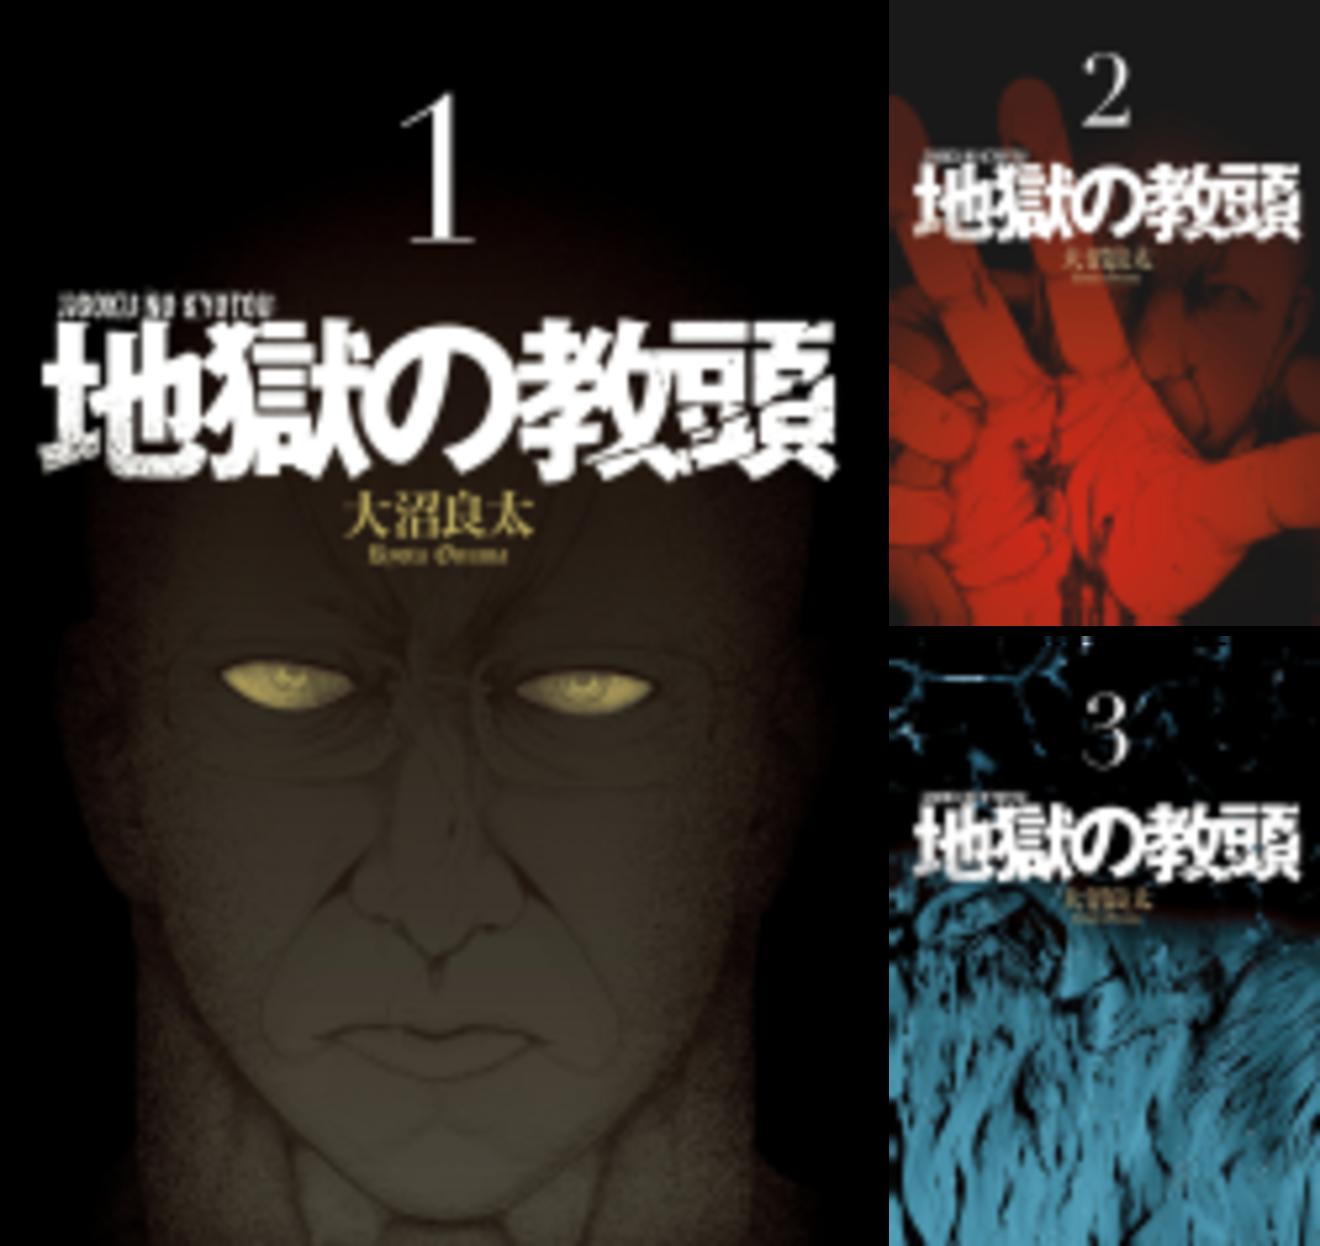 『地獄の教頭』が無料!学園ハードボイルド漫画を5巻までネタバレ紹介